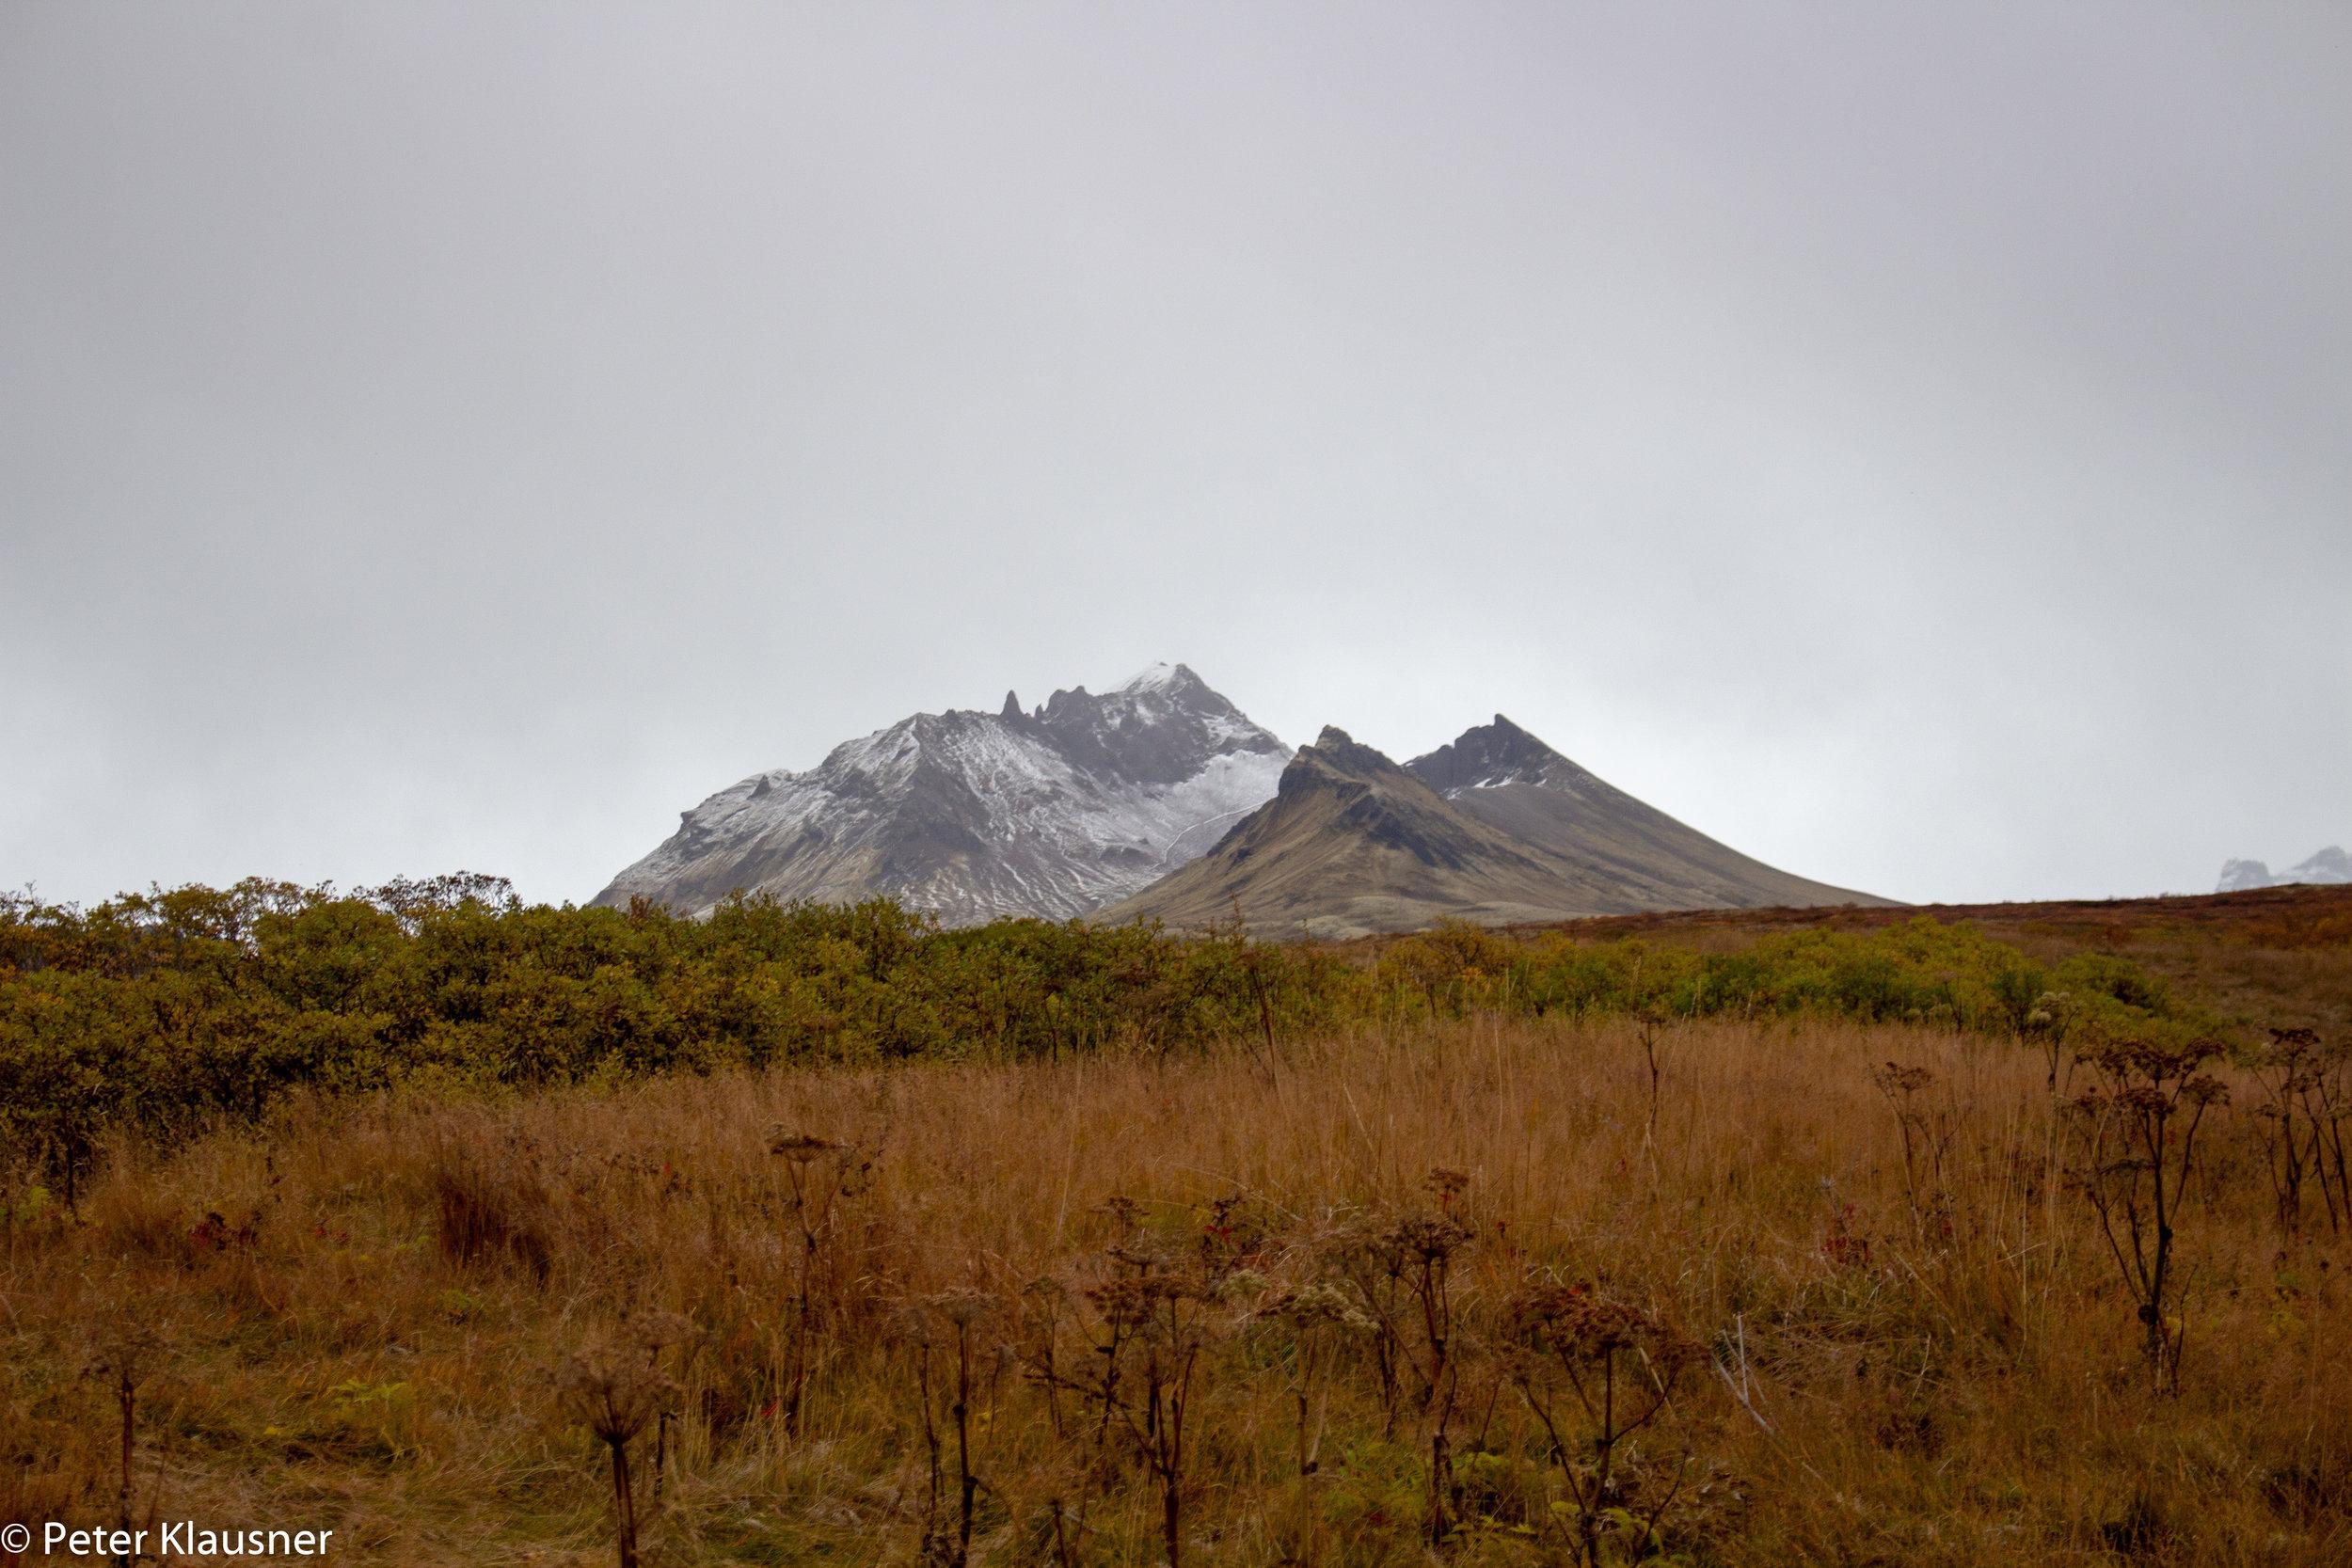 IcelandWebsite-49.jpg